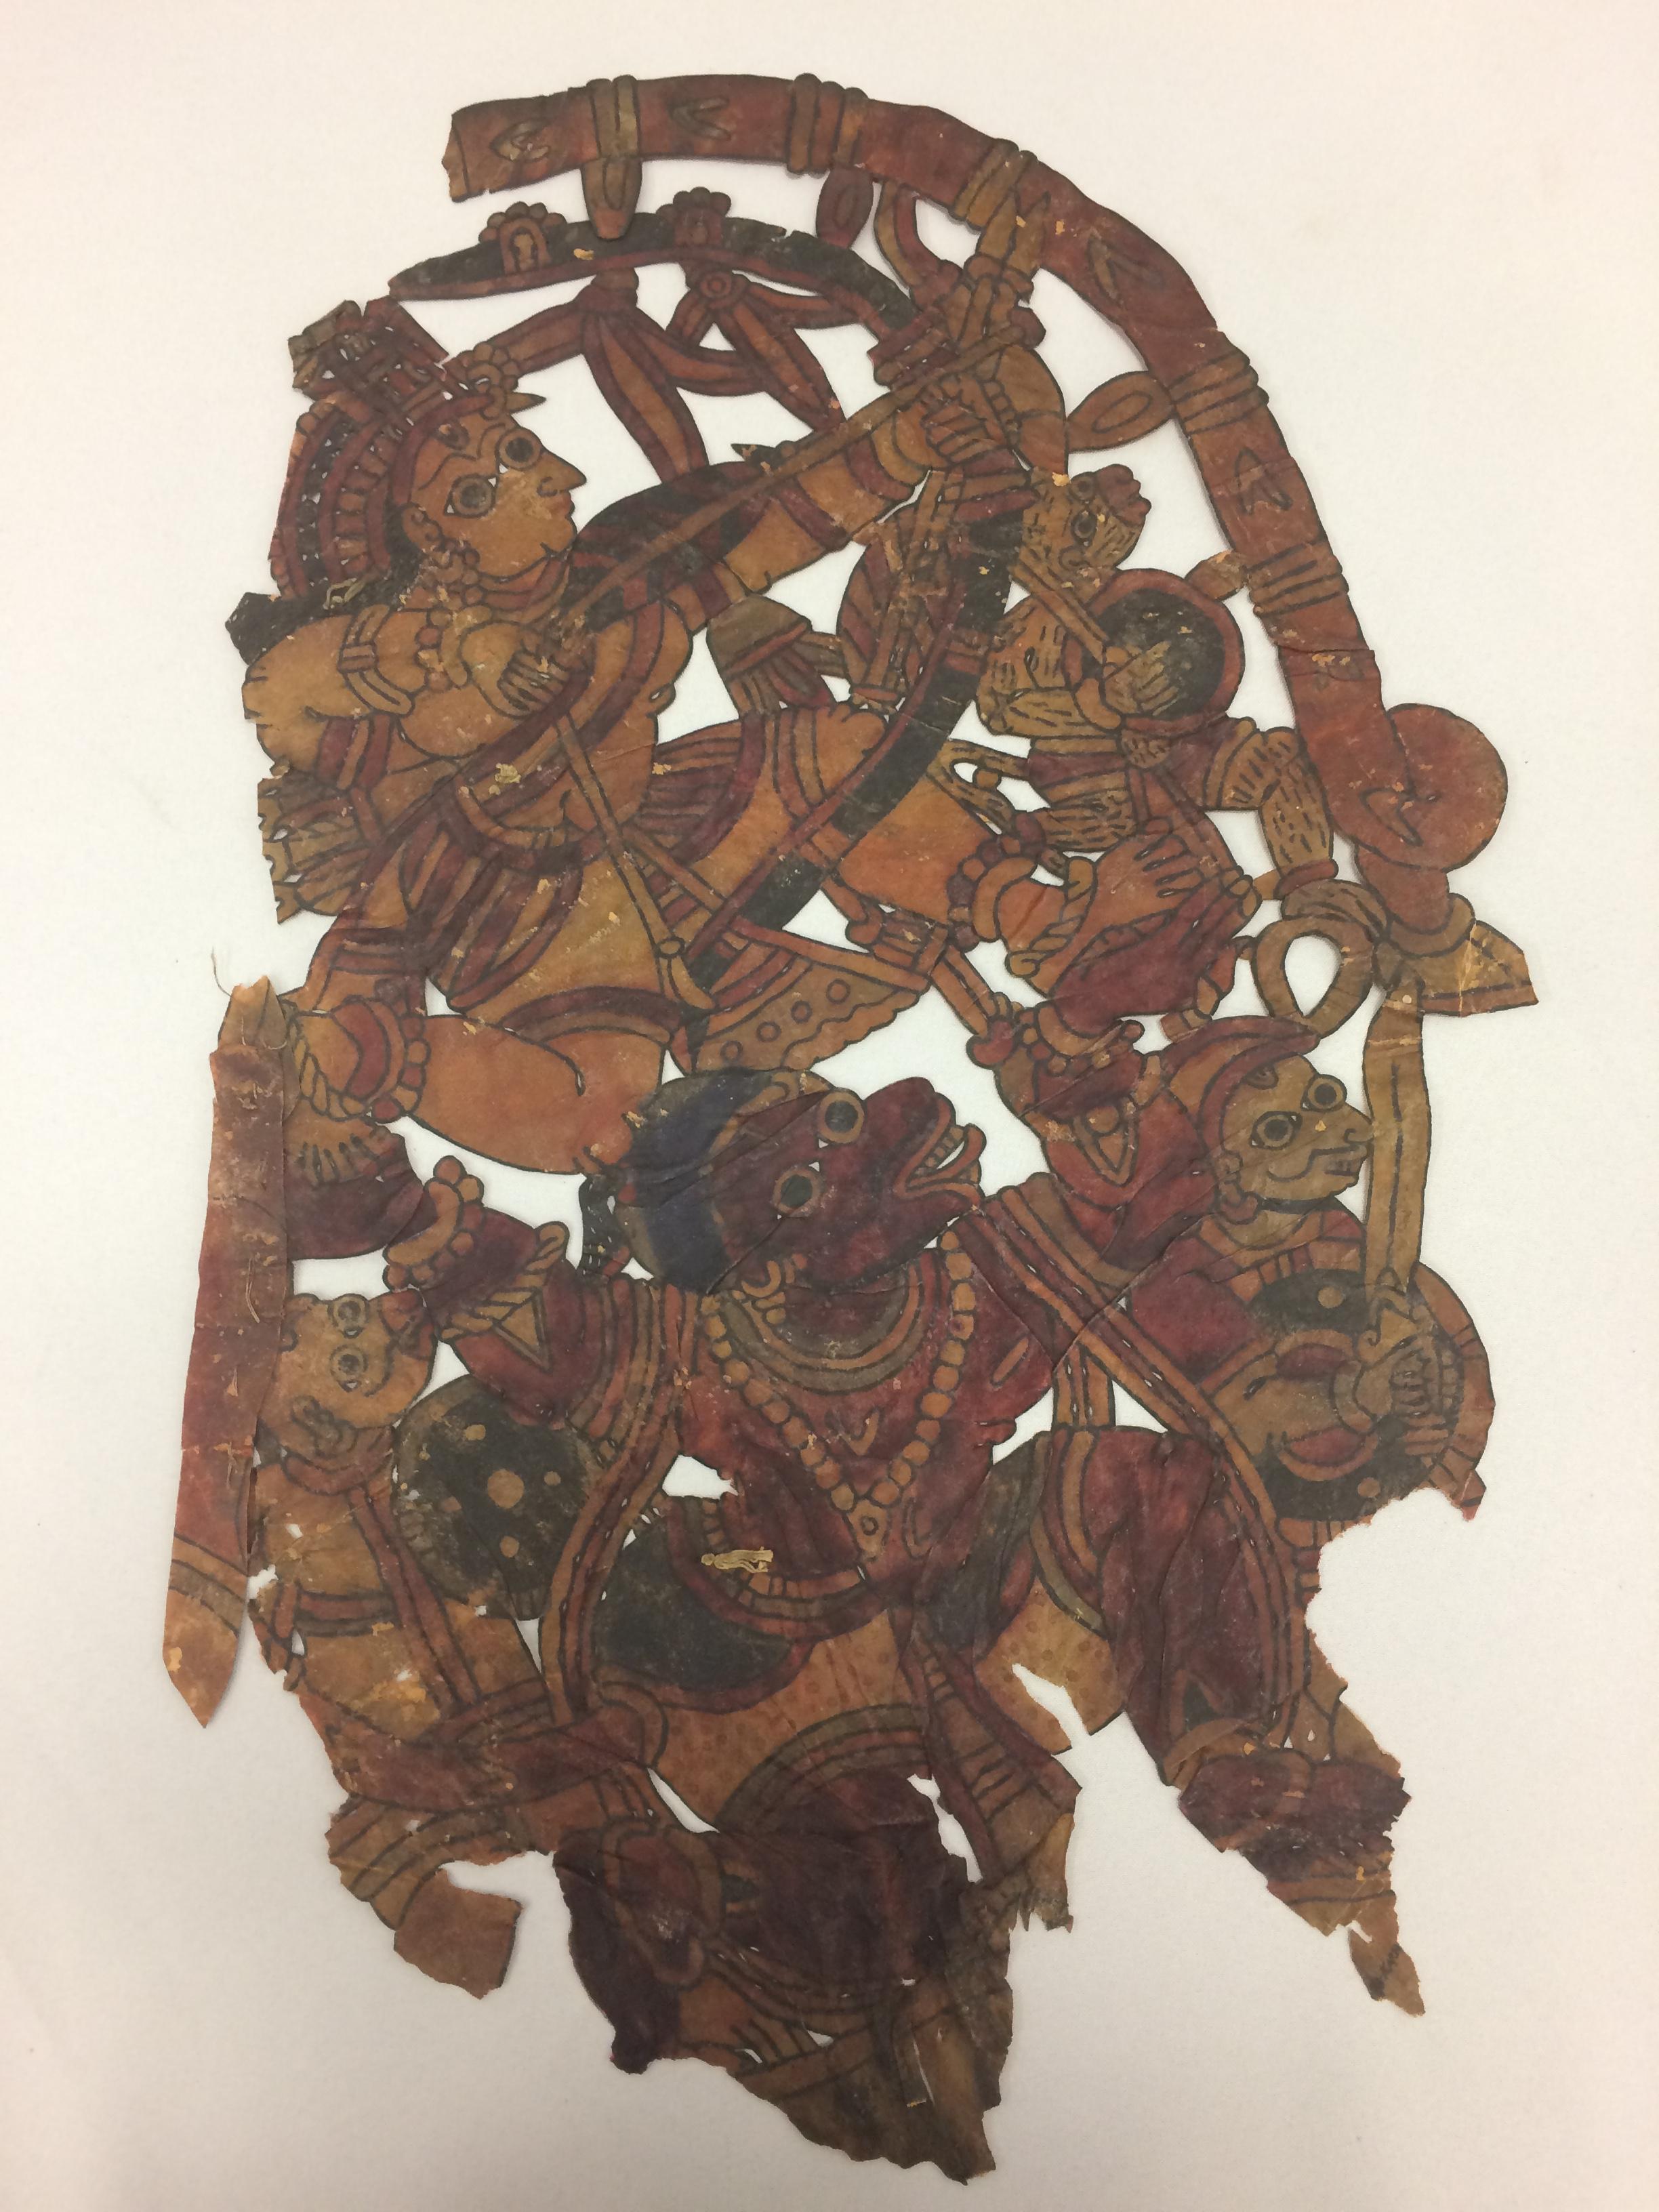 Râma, <em>Hanuman</em> et l'armée du singe en guerre contre Râvana, du Râmâyana, réalisé dans le style de togalu gombeya</em>ta</em>, théâtre d'ombres traditionnel de Karnataka, en Inde, hauteur : 60 cm. Collection : Center for Puppetry Arts (Georgia, Atlanta, États-Unis), donnée par Melvyn Helstien (1991)